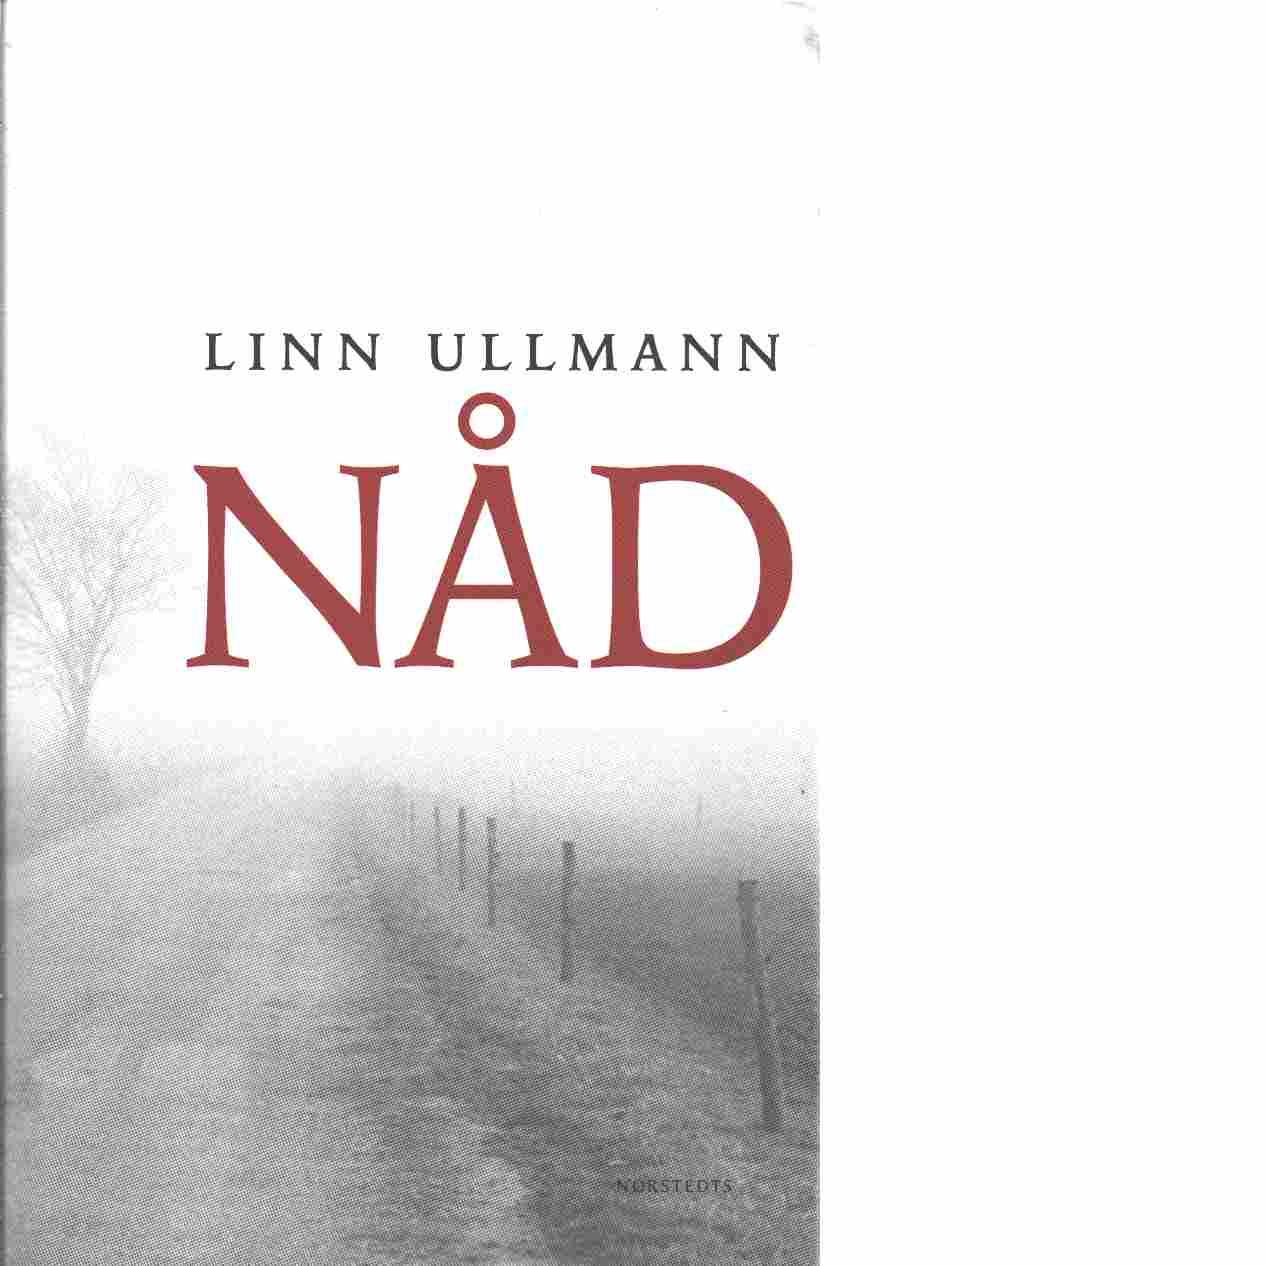 Nåd - Ullmann, Linn